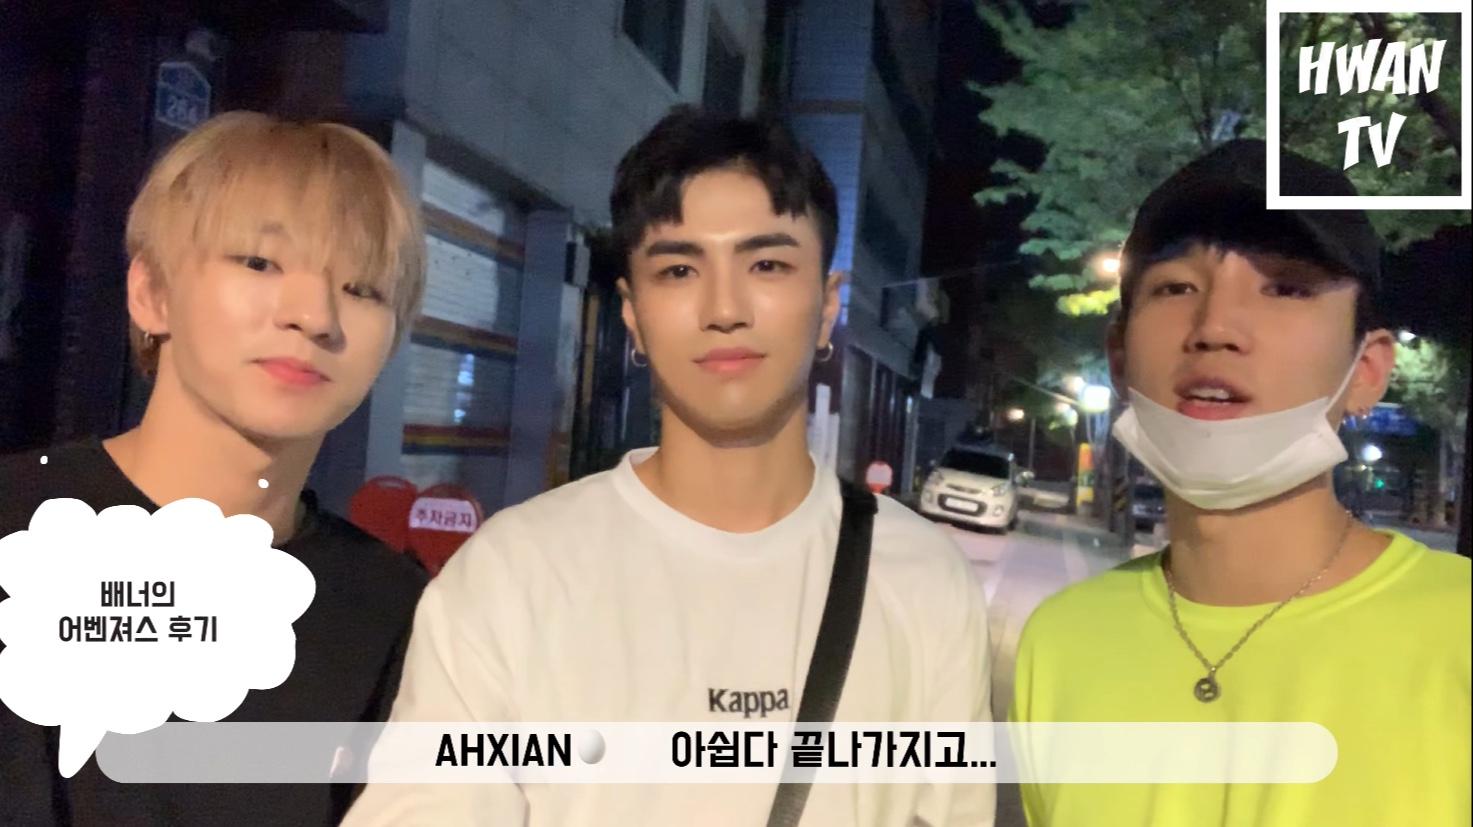 [HWAN TV] 09. 어벤져스 '앤드게임'을 보고 온 96라인과 환피디!